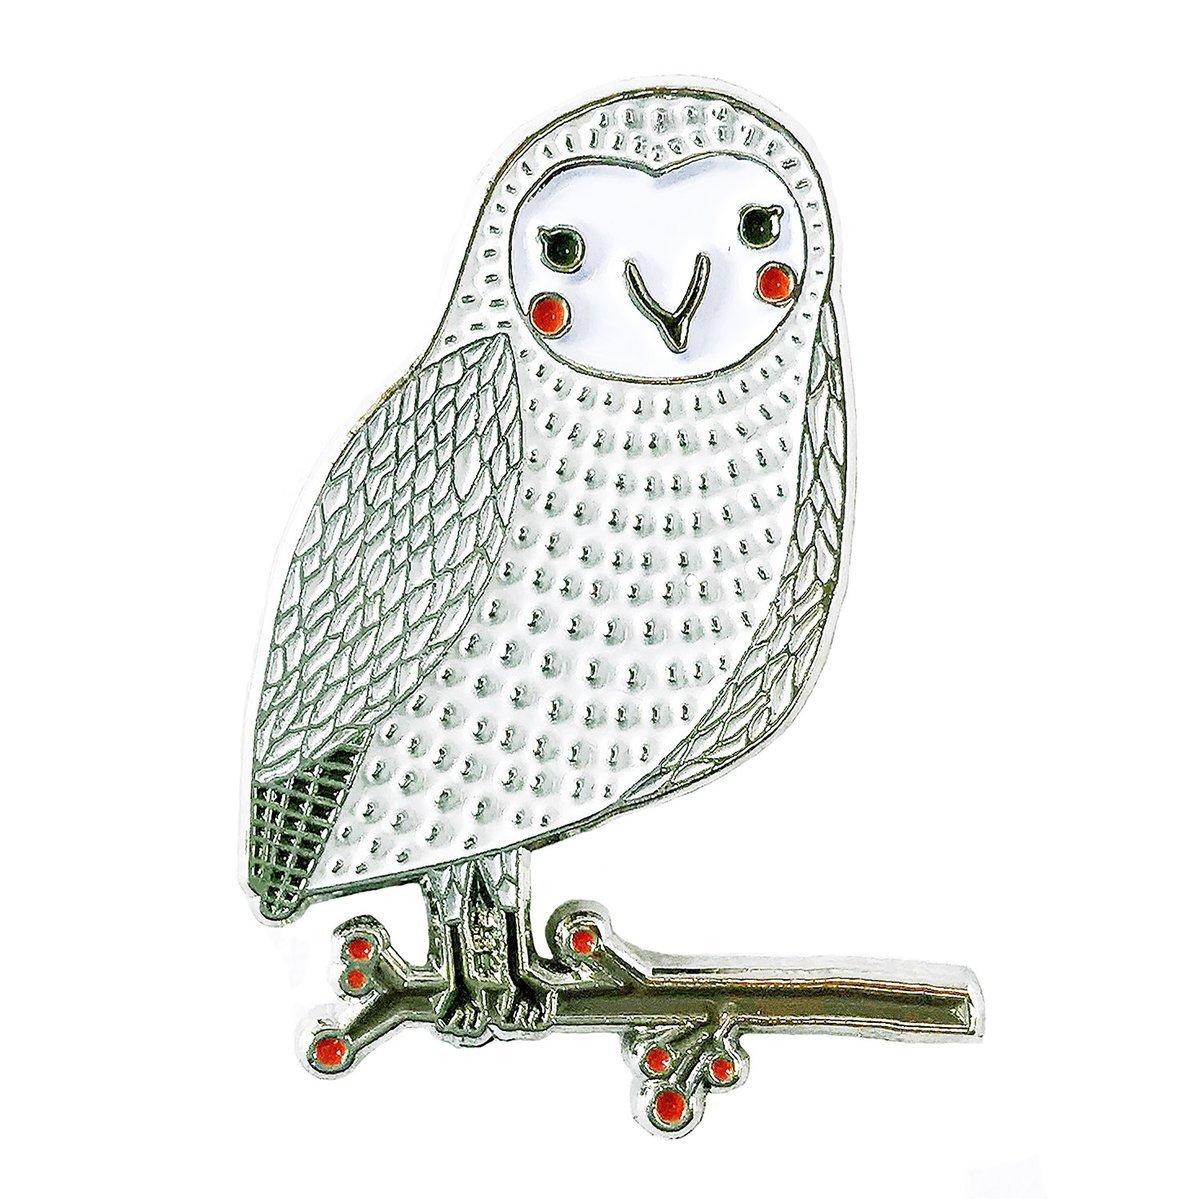 Gingiber - Enamel Pin - Merriment Snow Owl